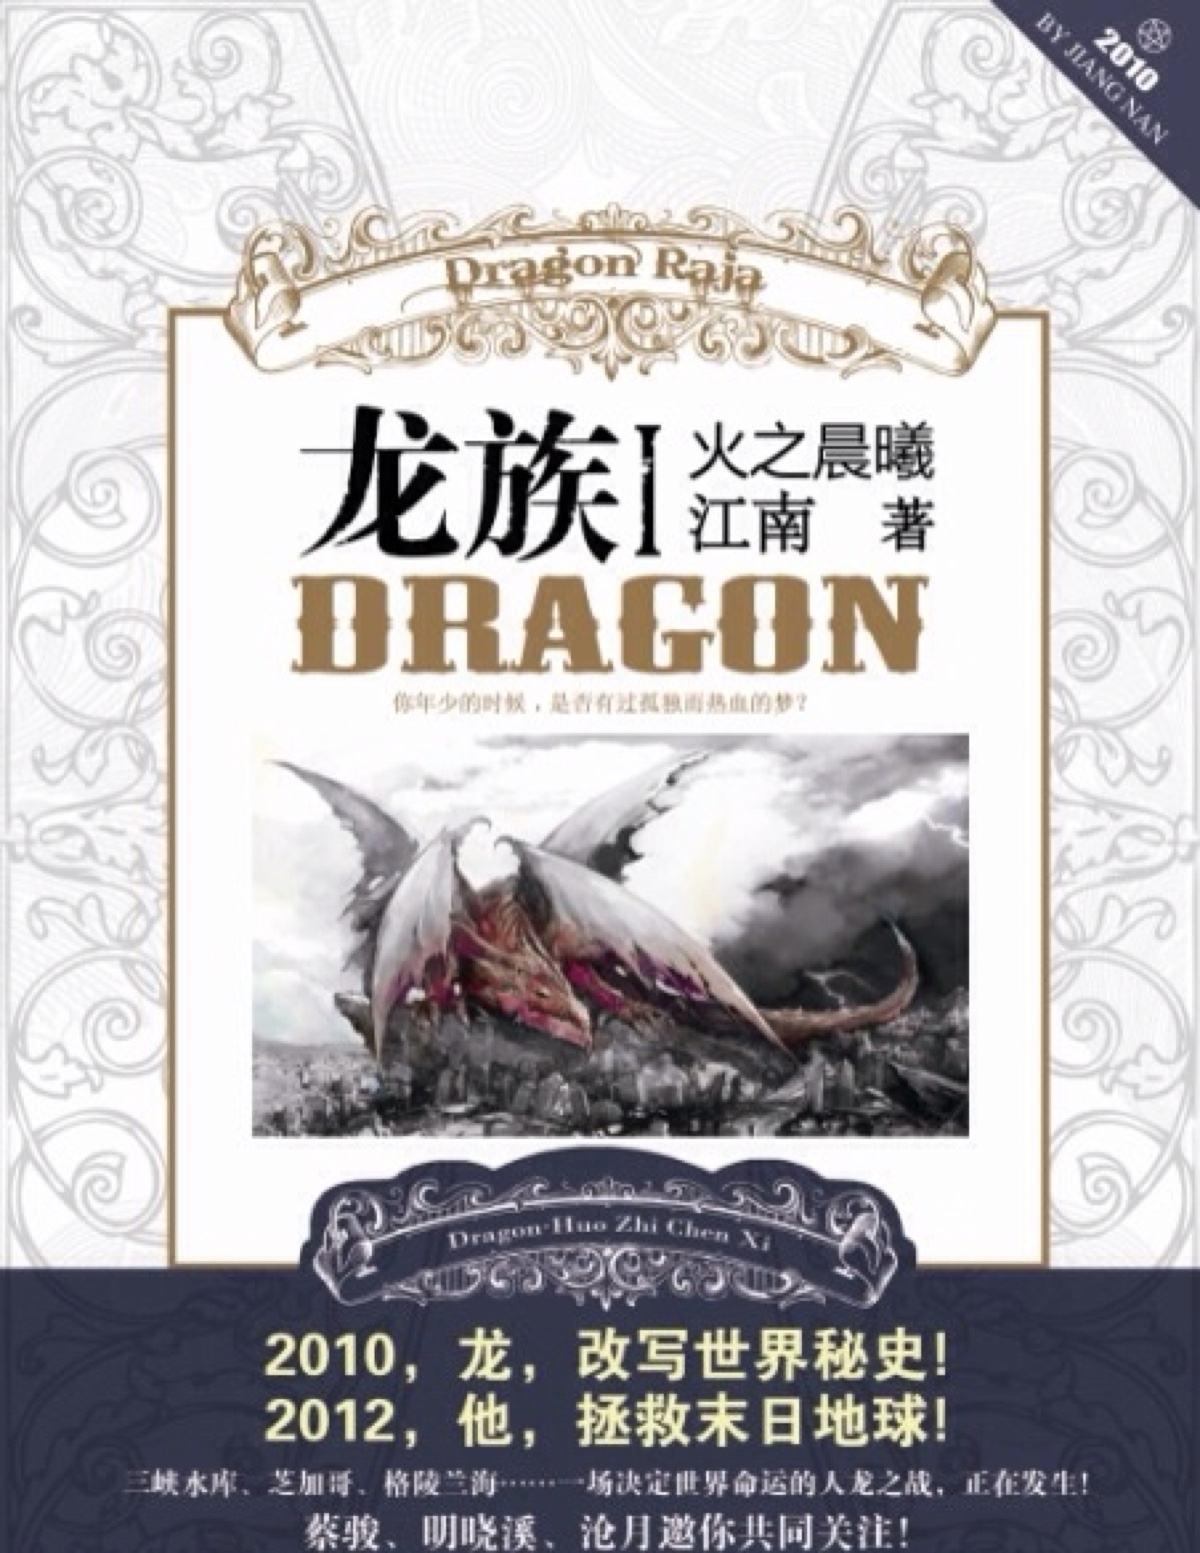 《上海堡垒》作者江南:科幻元年?为时尚早